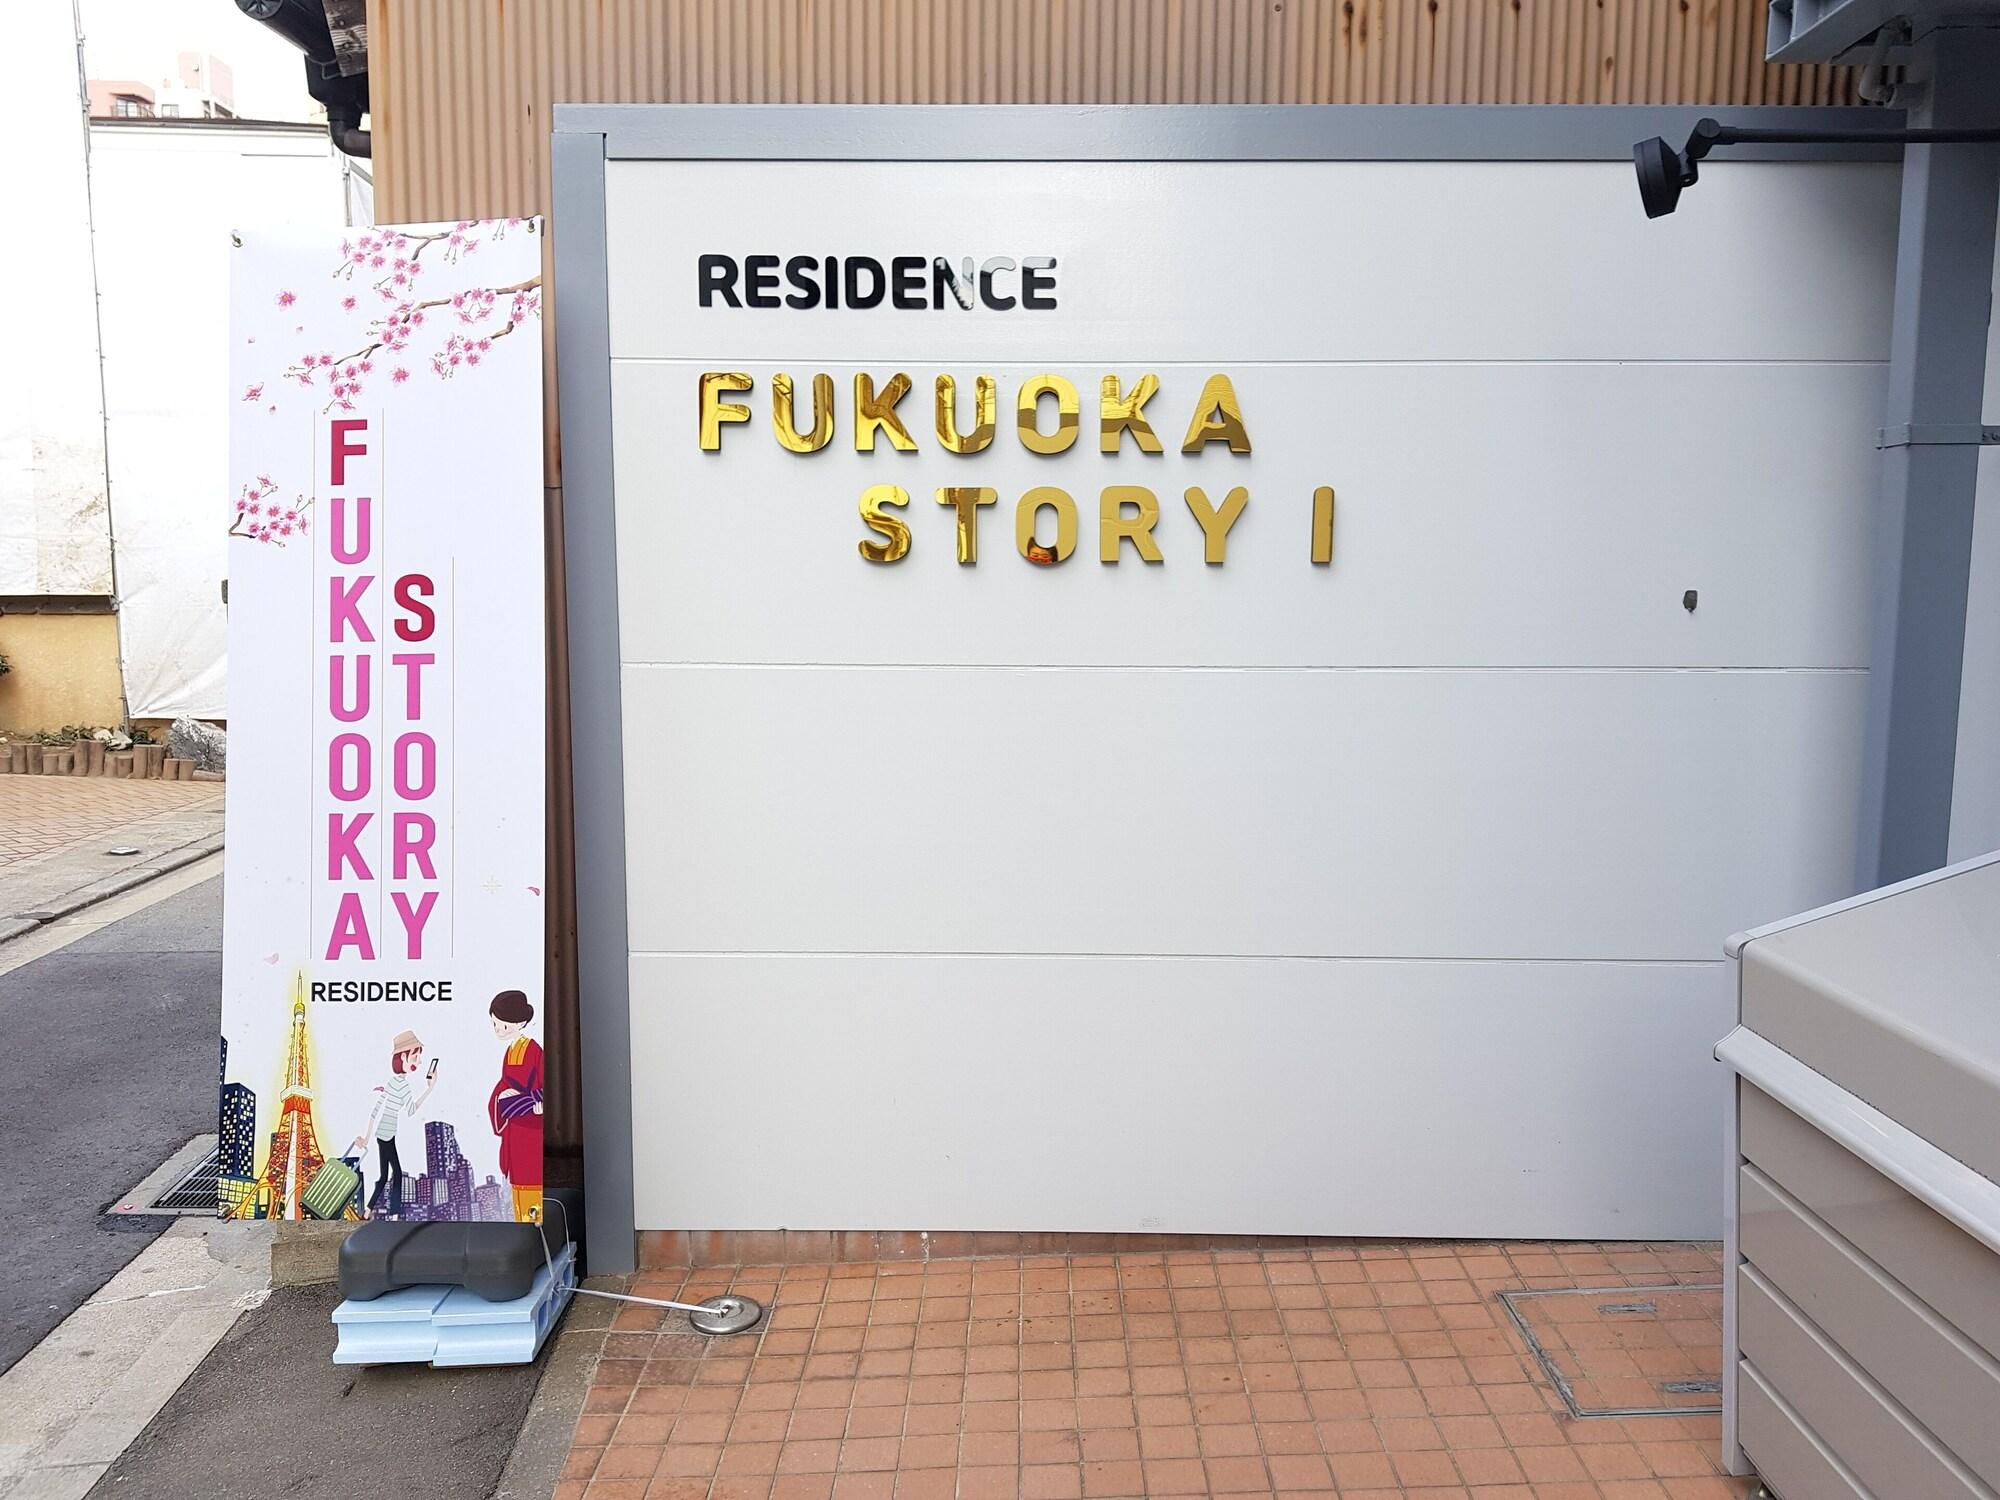 Fukuoka Story I